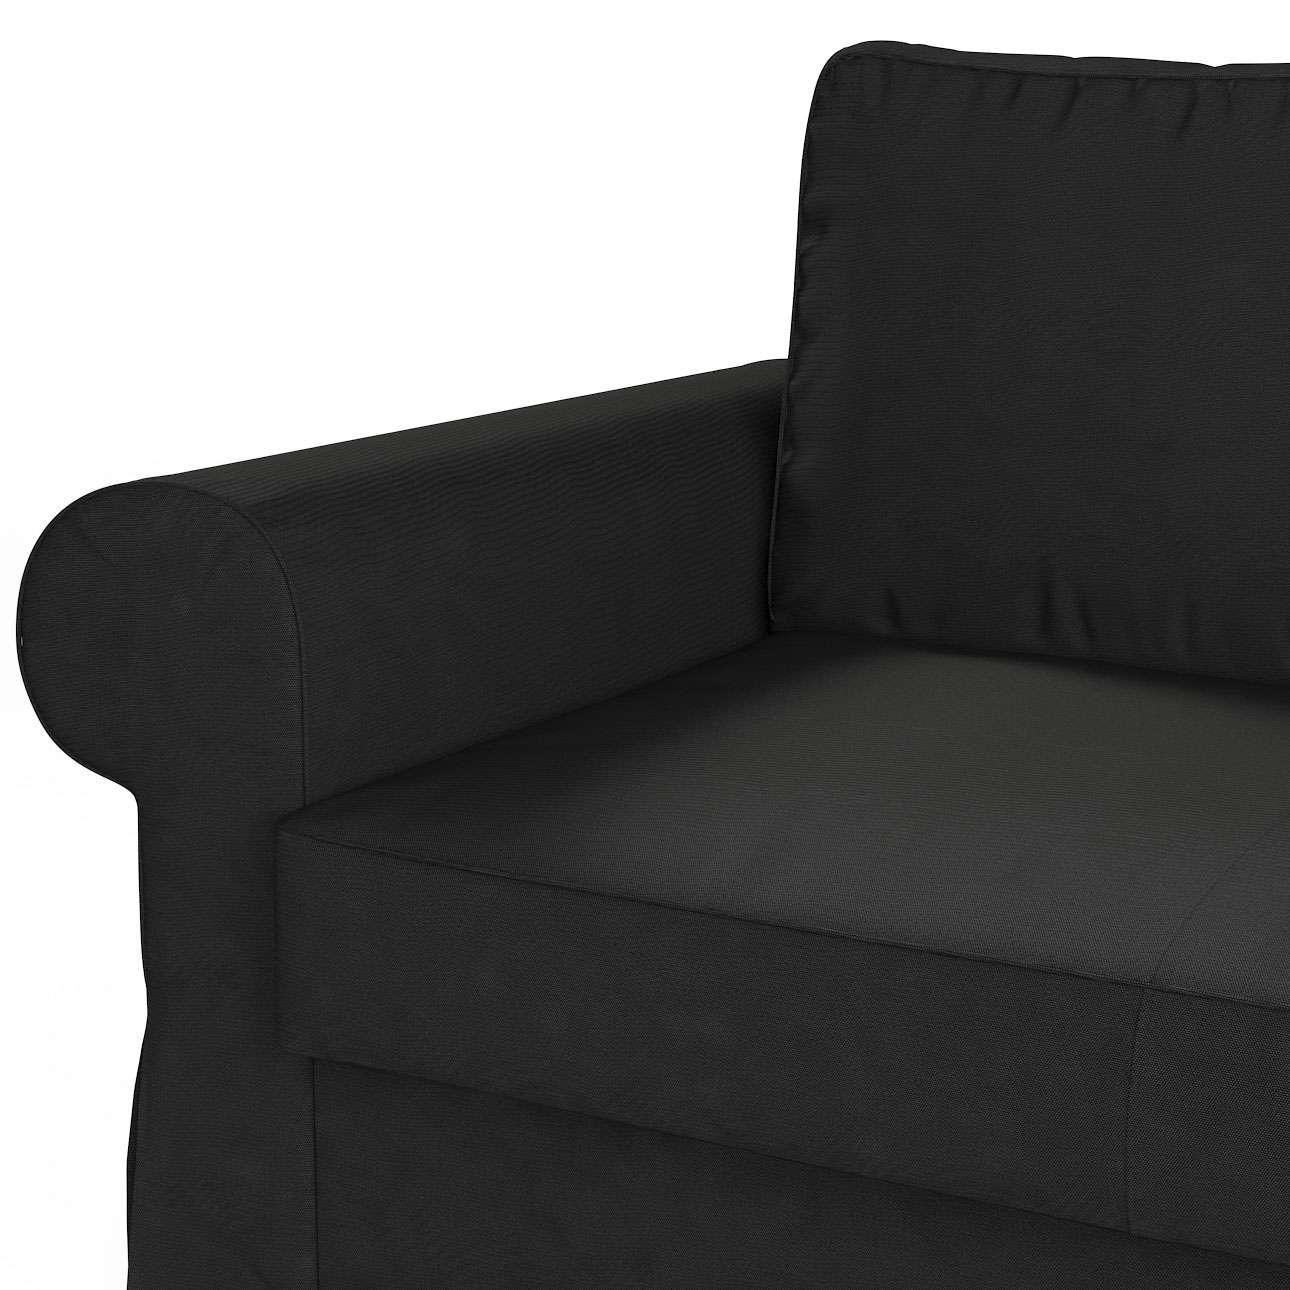 Backabro 2-Sitzer Sofabezug nicht ausklappbar von der Kollektion Etna, Stoff: 705-00